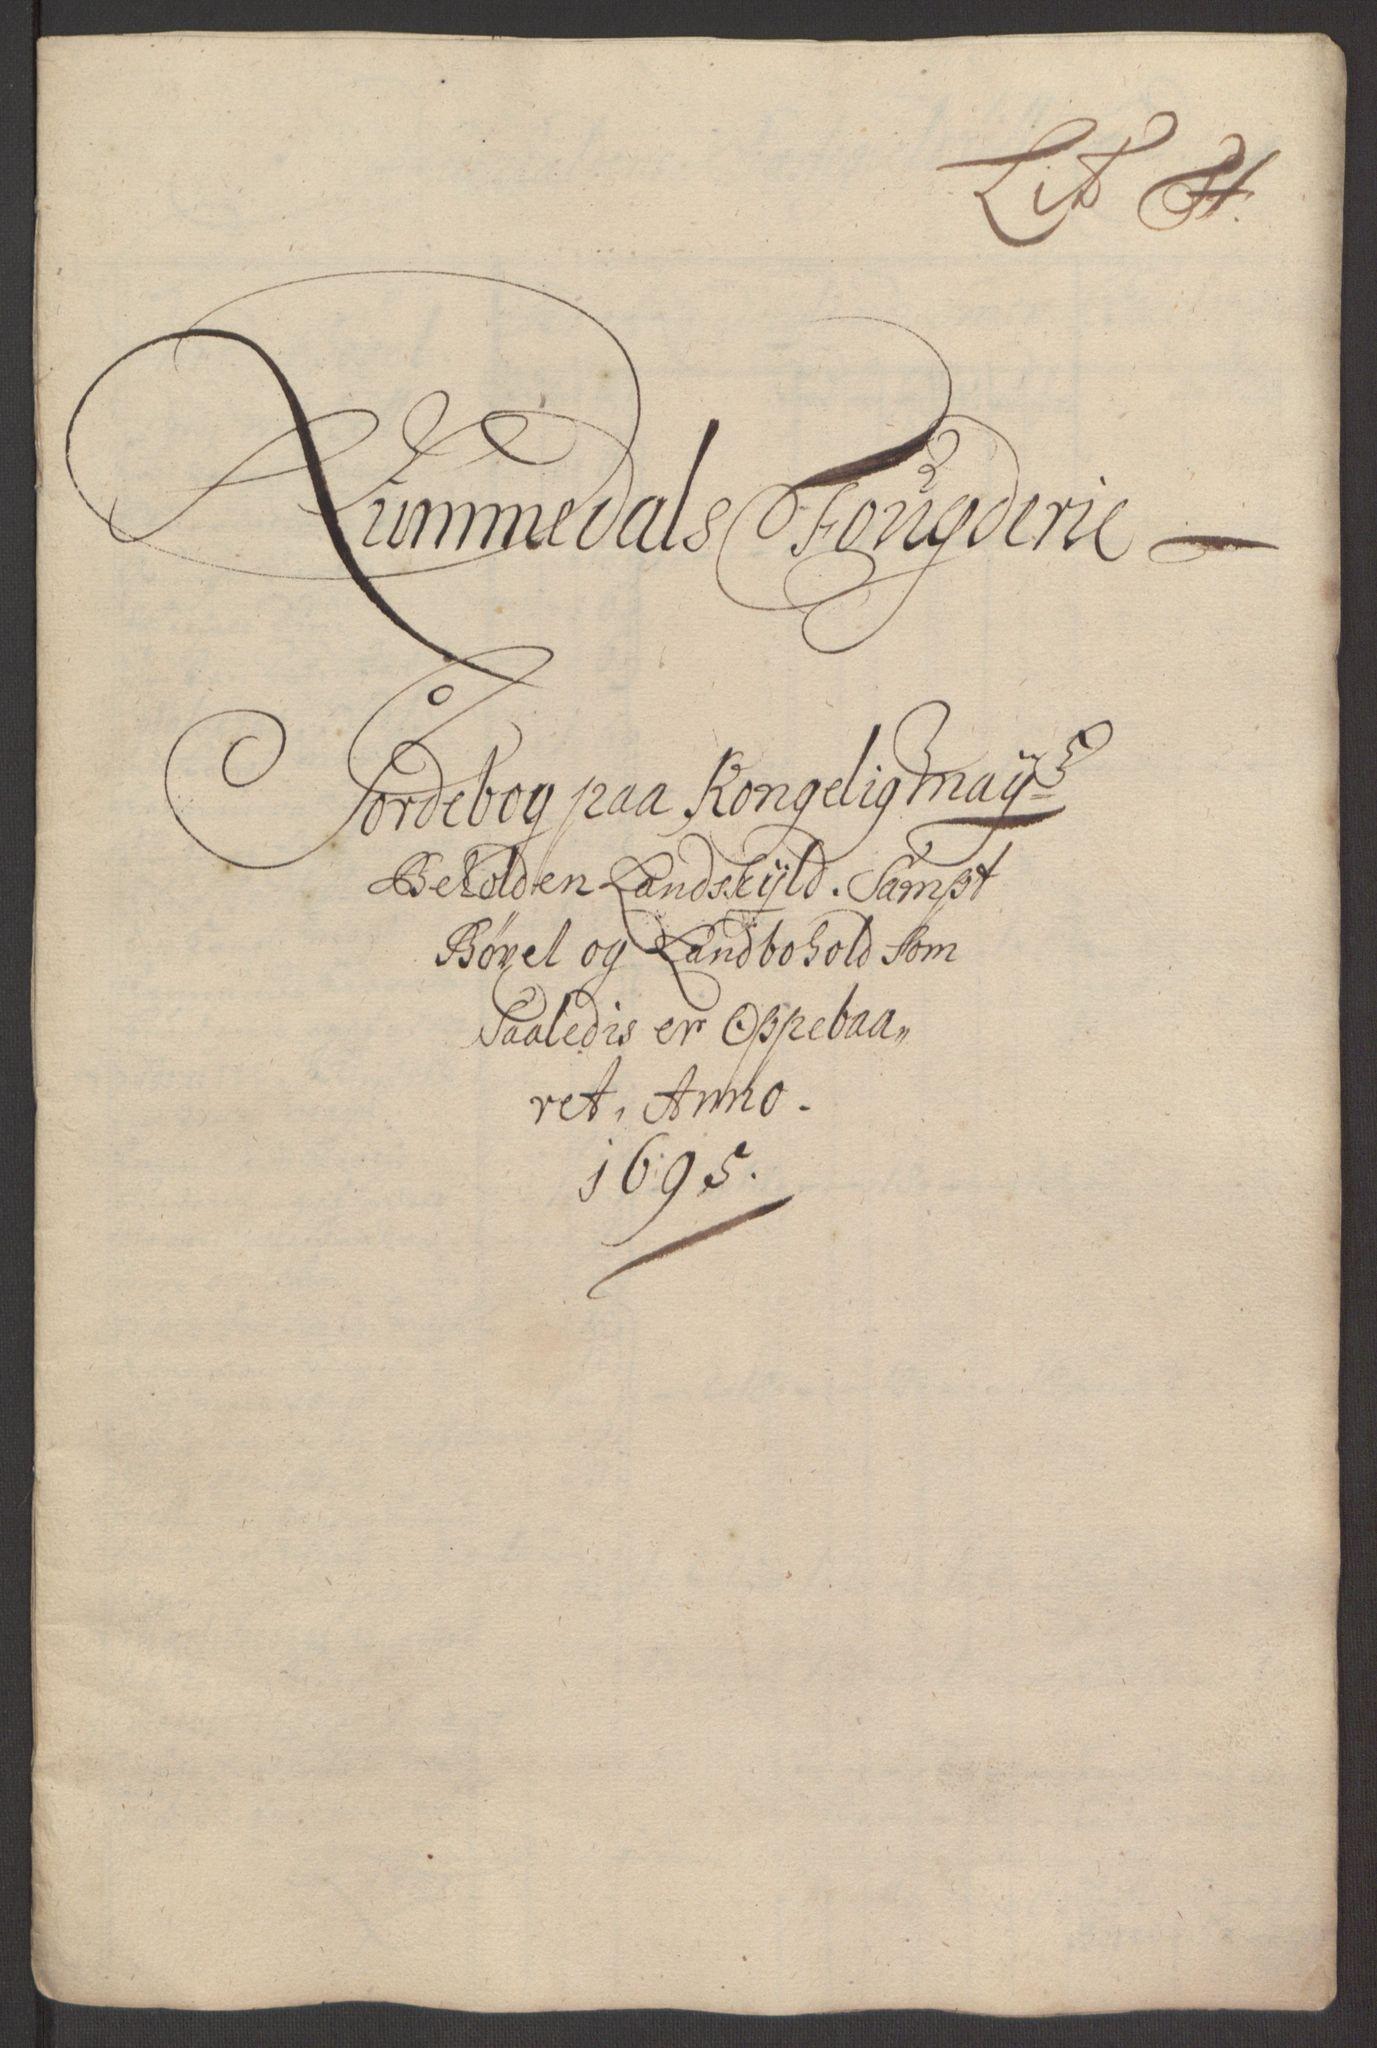 RA, Rentekammeret inntil 1814, Reviderte regnskaper, Fogderegnskap, R64/L4424: Fogderegnskap Namdal, 1692-1695, s. 488